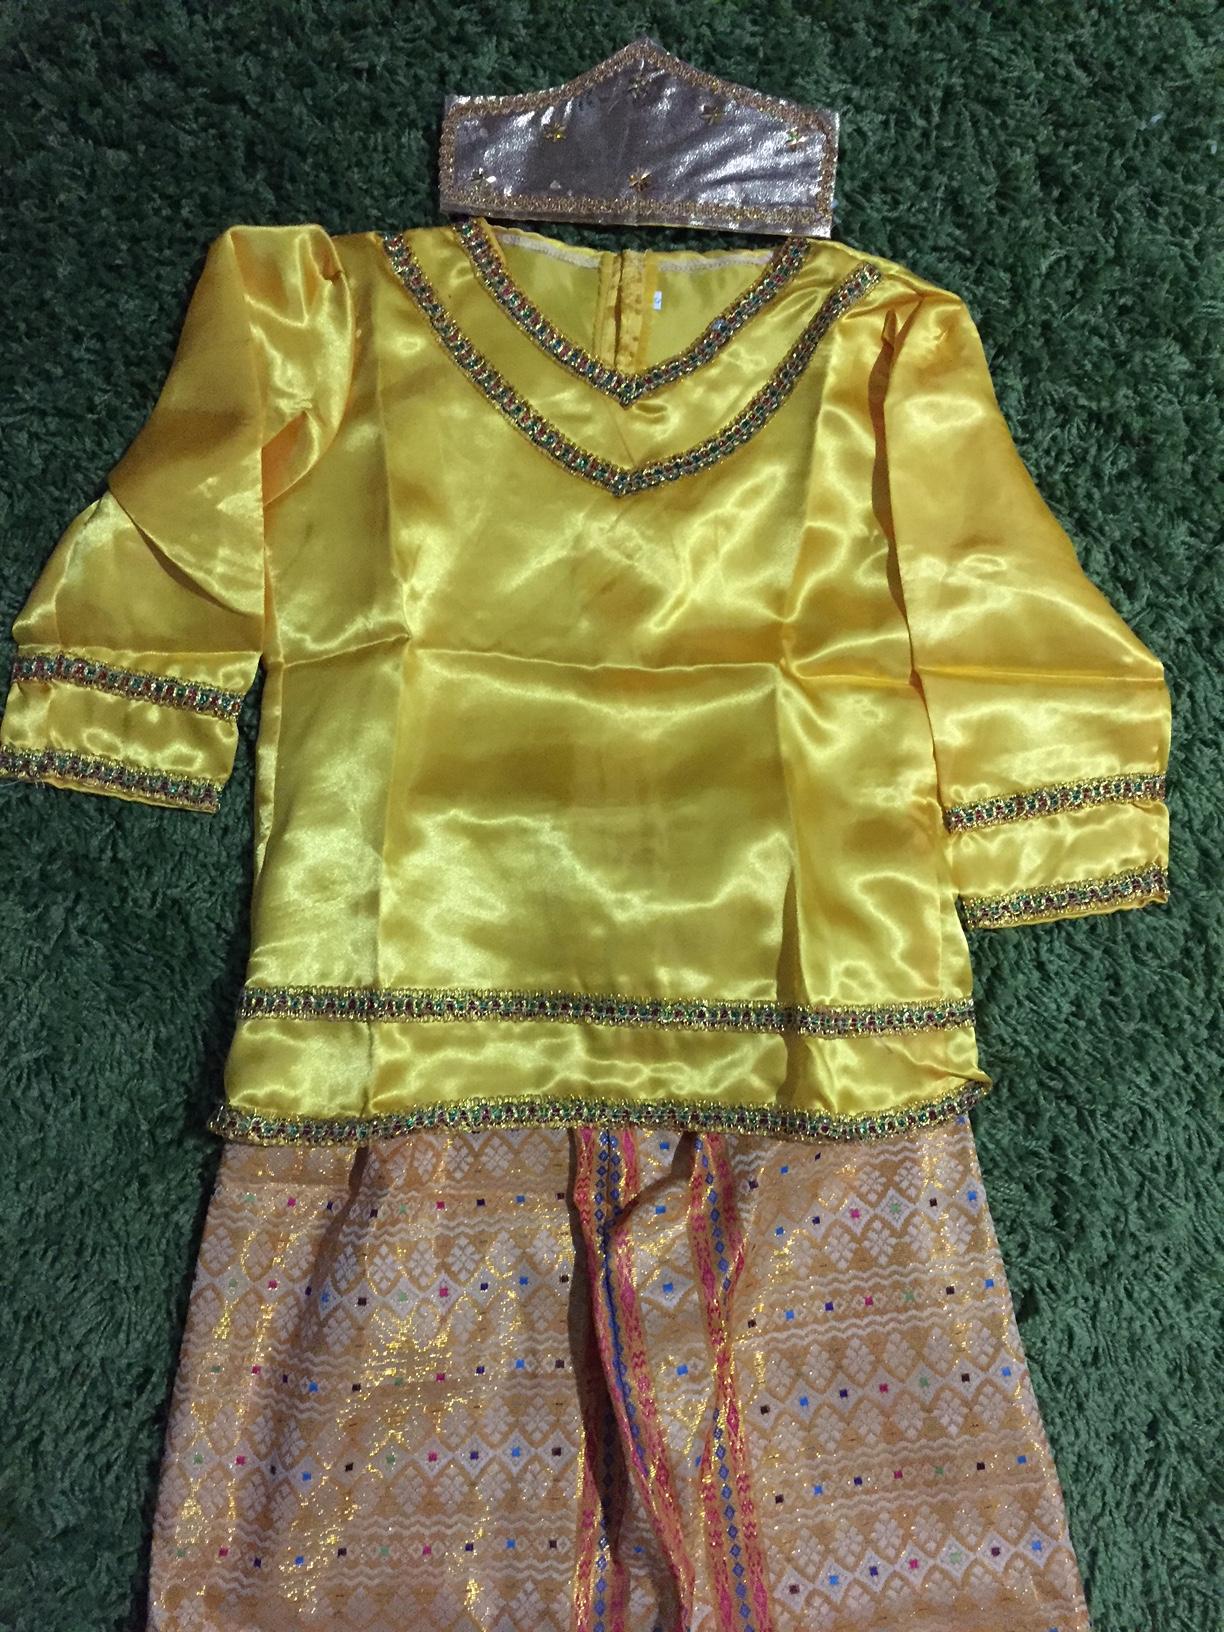 Jual Baju Adat Palembang Anak Peremepuan Size S Kuning